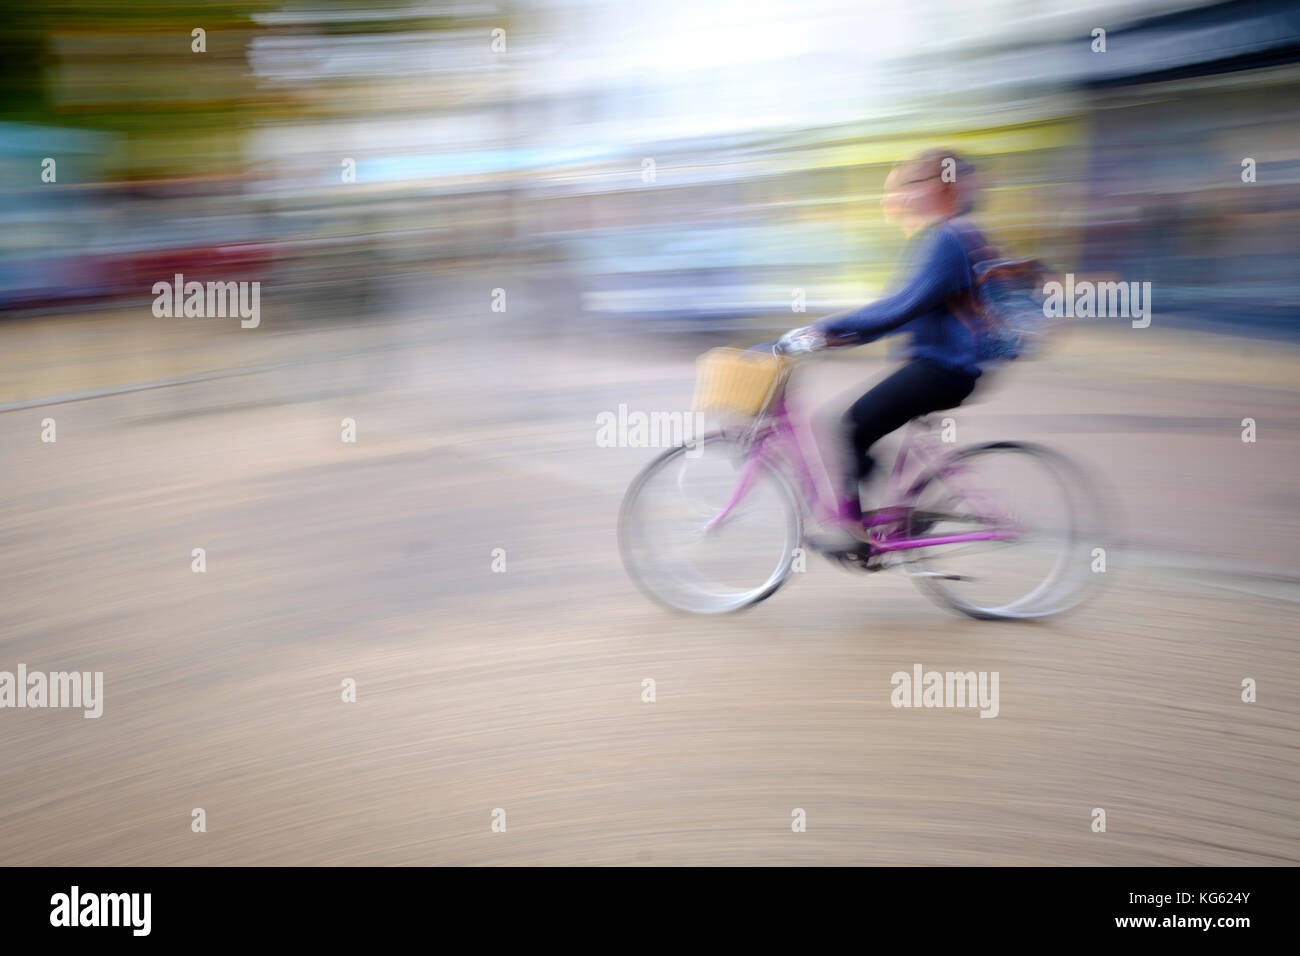 Escursioni in bicicletta in Cambridge intenzionale di sfocatura della telecamera per dare il senso della velocità Immagini Stock